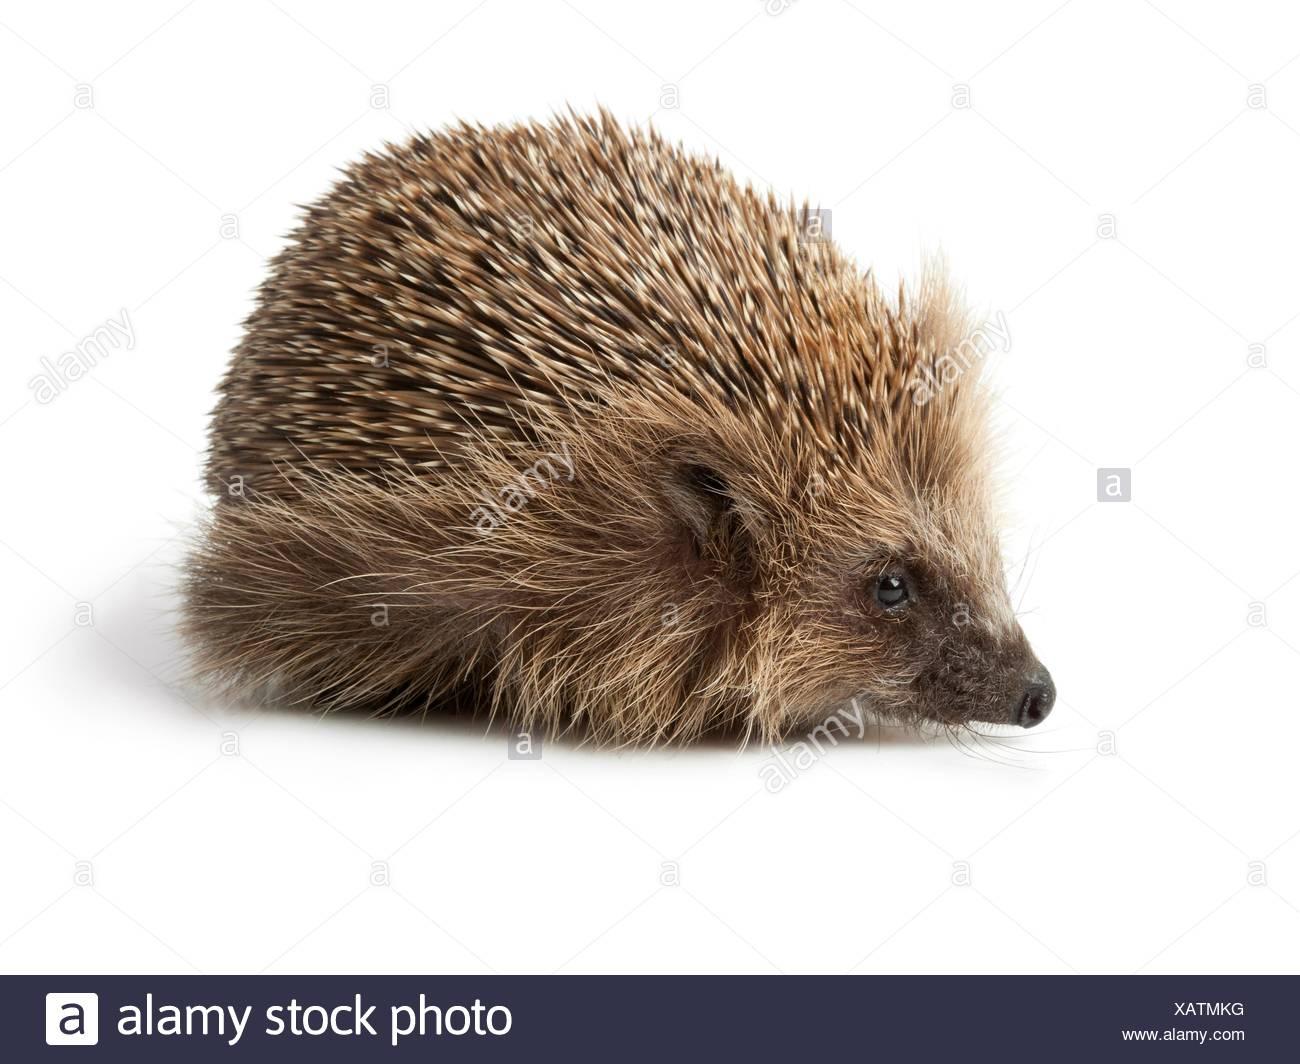 Single hedgehog on white background. - Stock Image